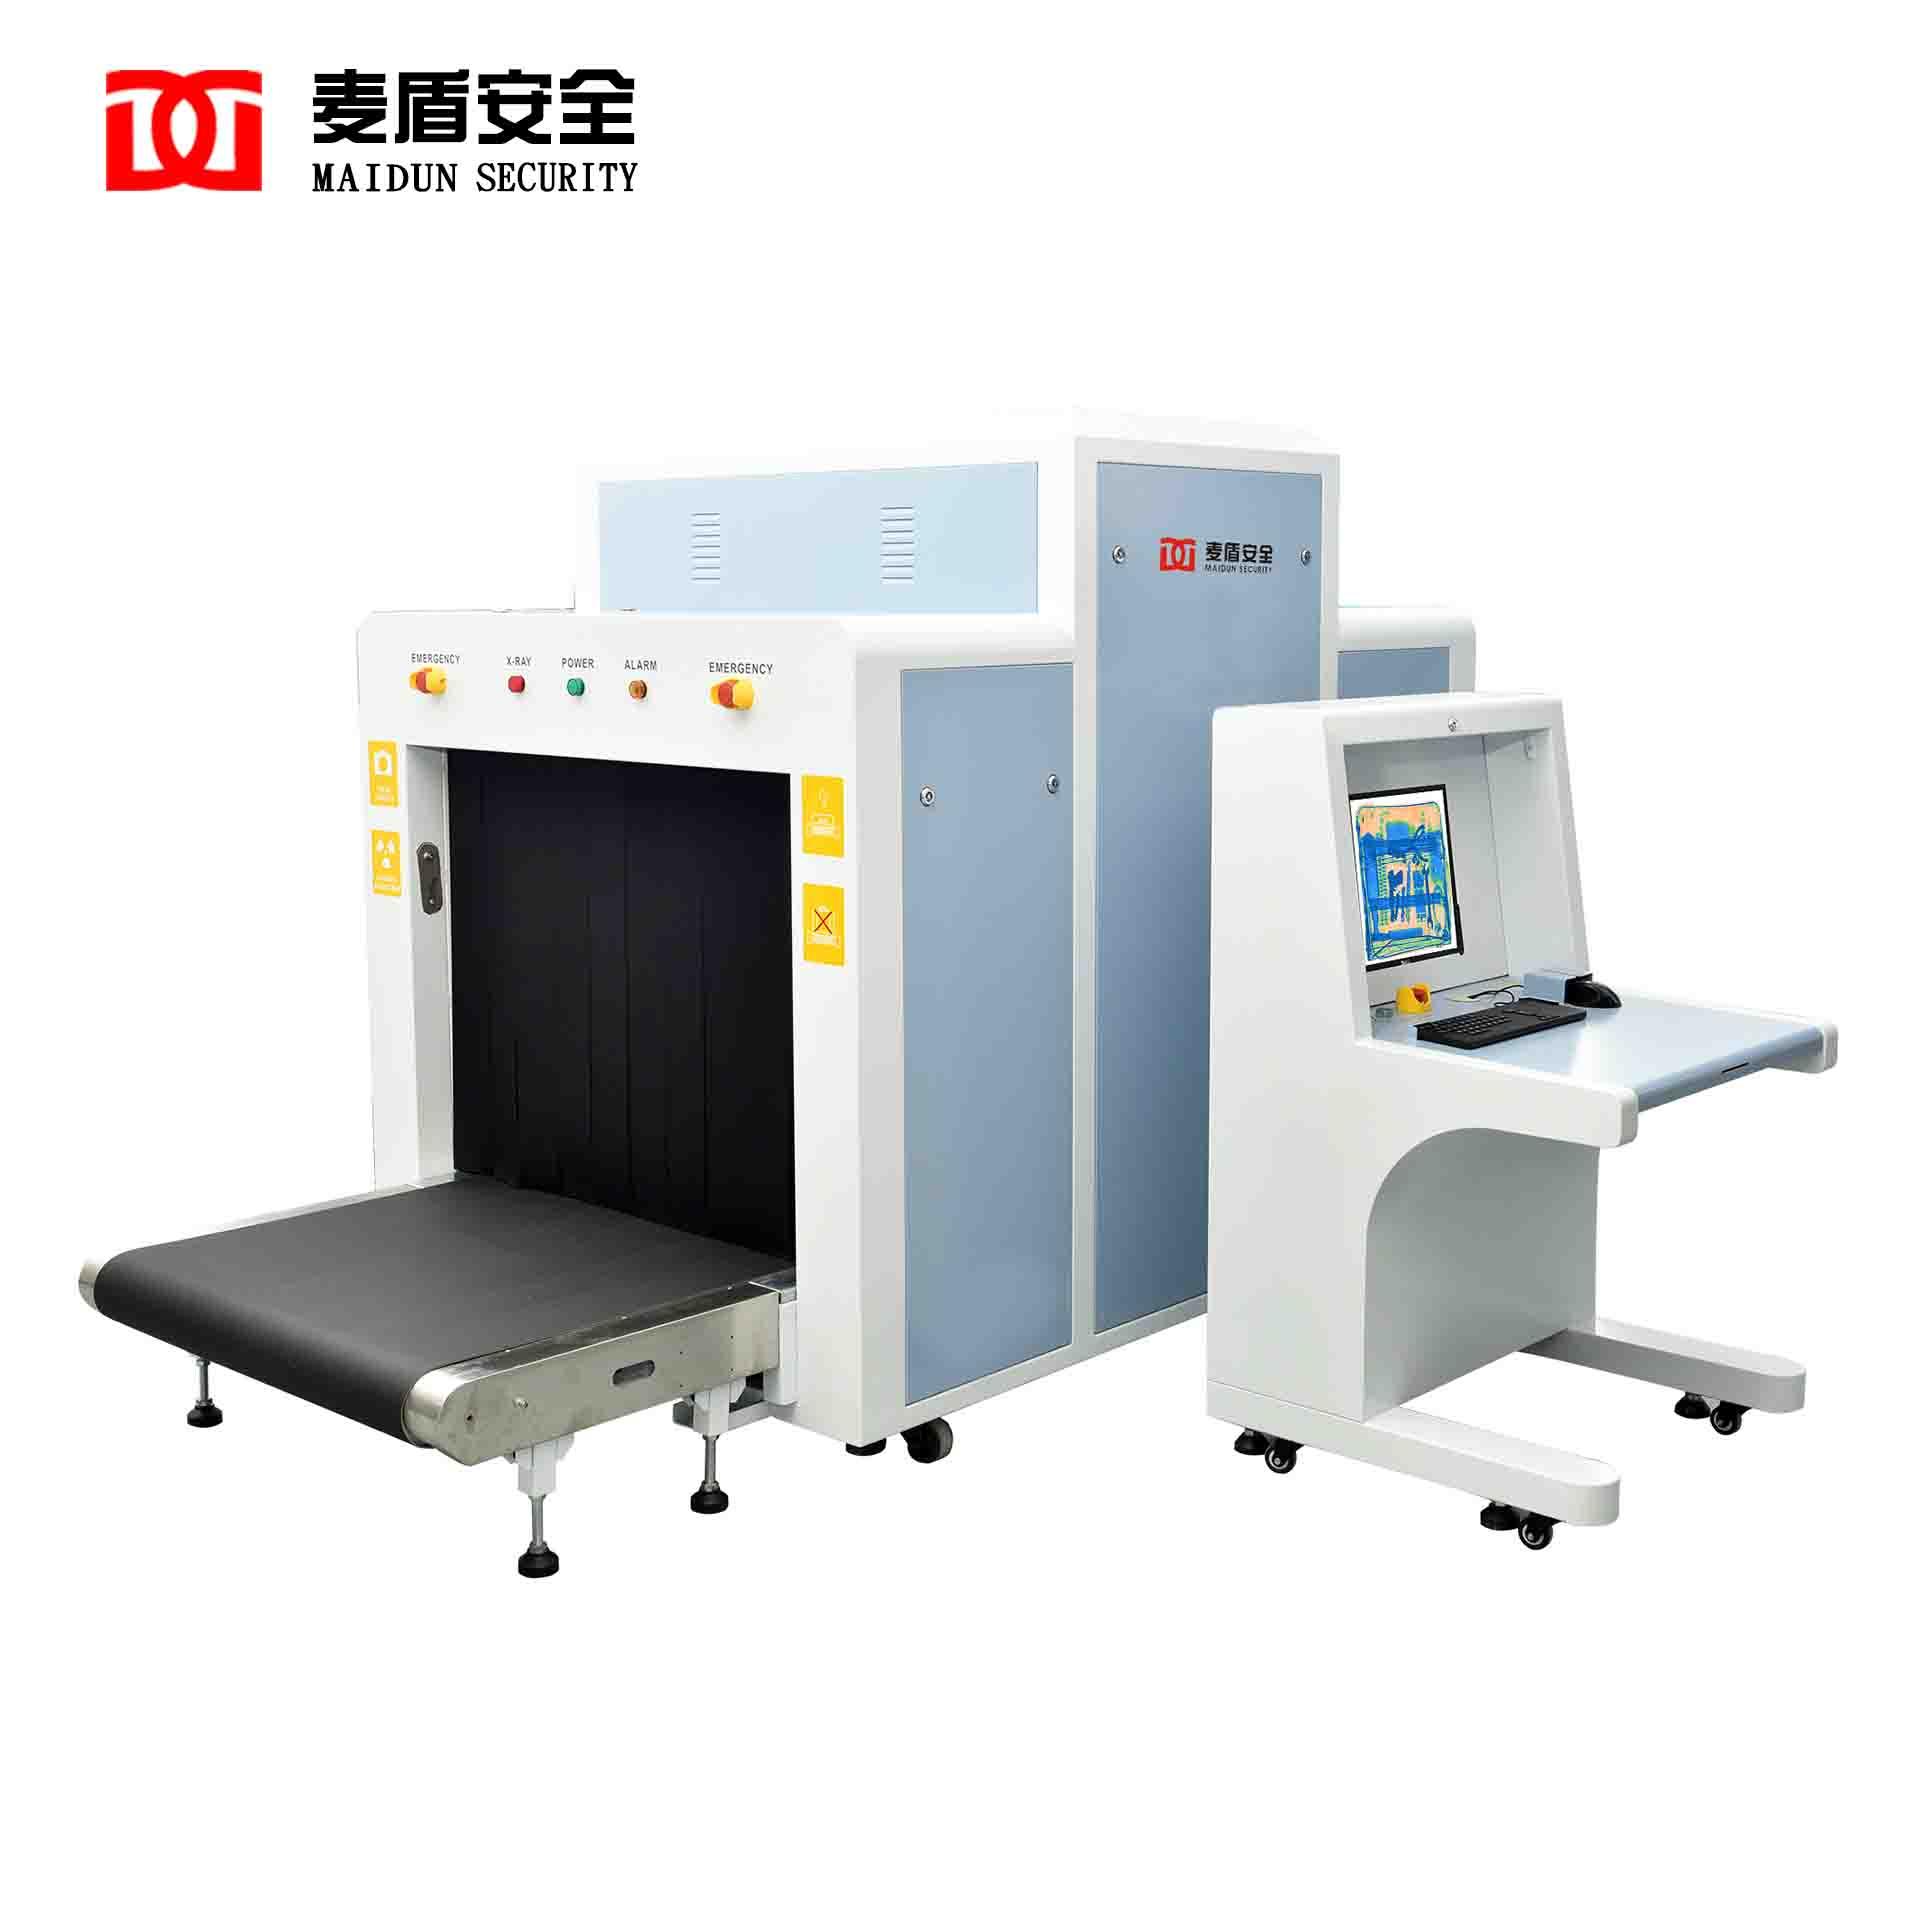 工厂X光机玩具厂X光机运动会X光安检机通道式x光安检机